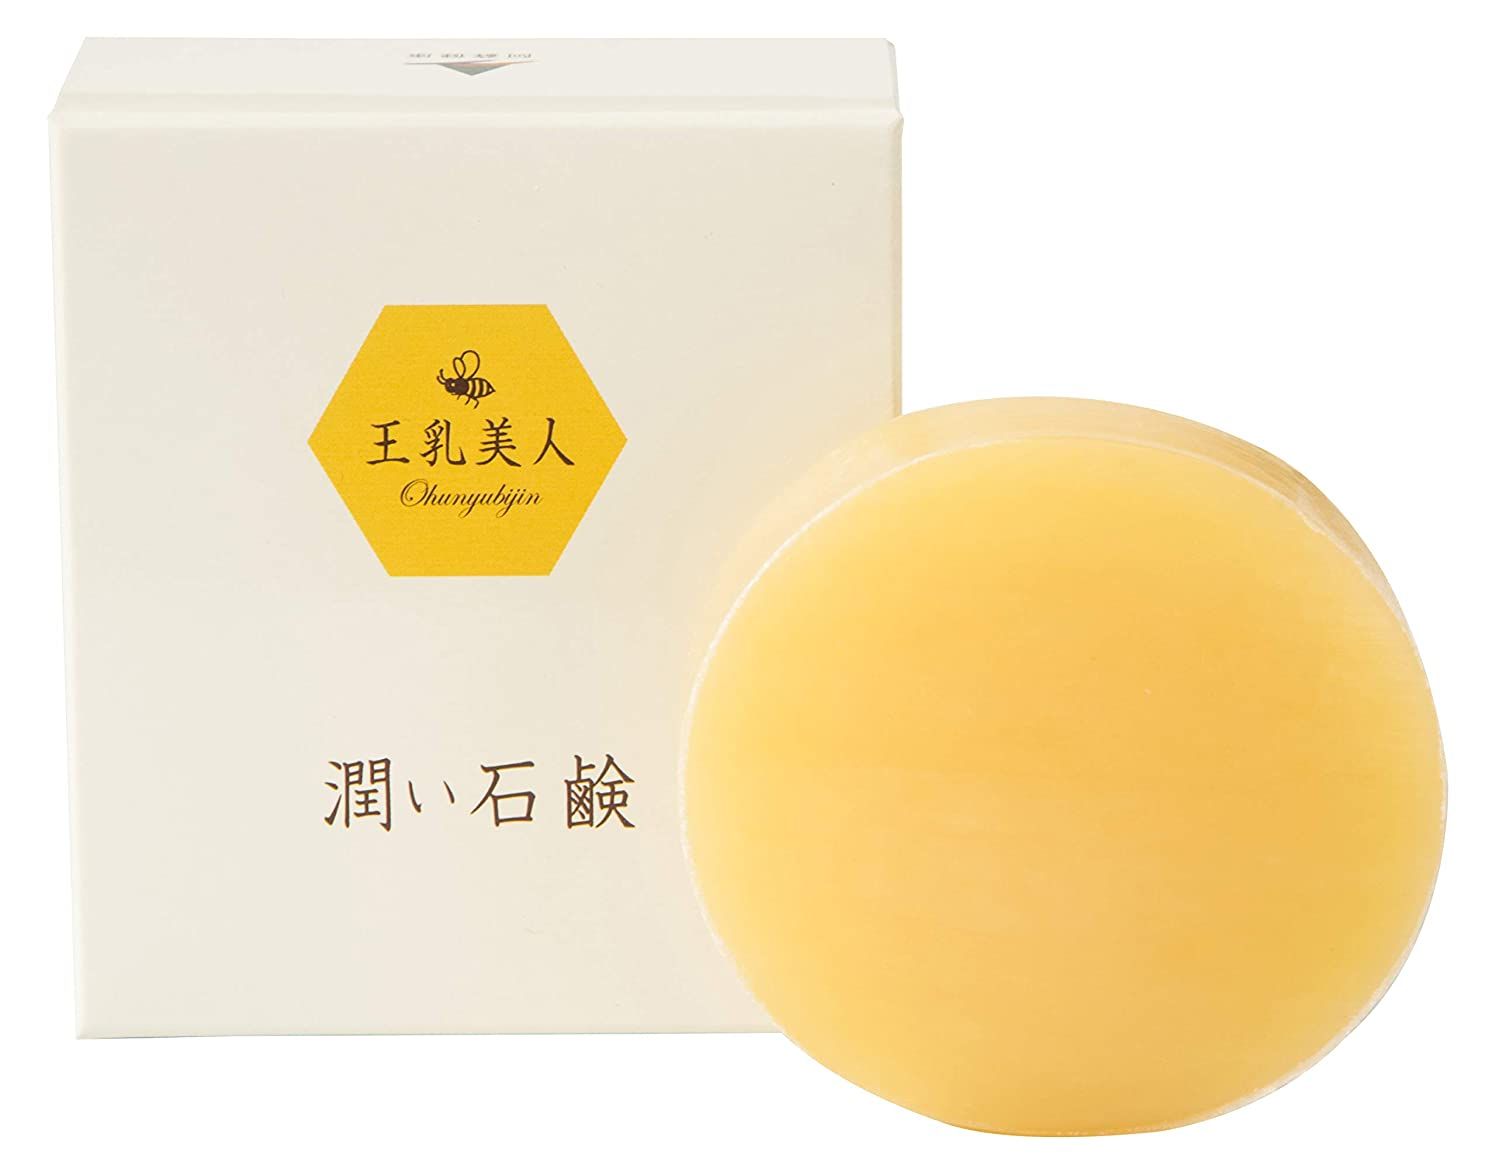 値ヒューズ煙王乳美人 潤い石鹸 100g 熊本産の馬油を使用